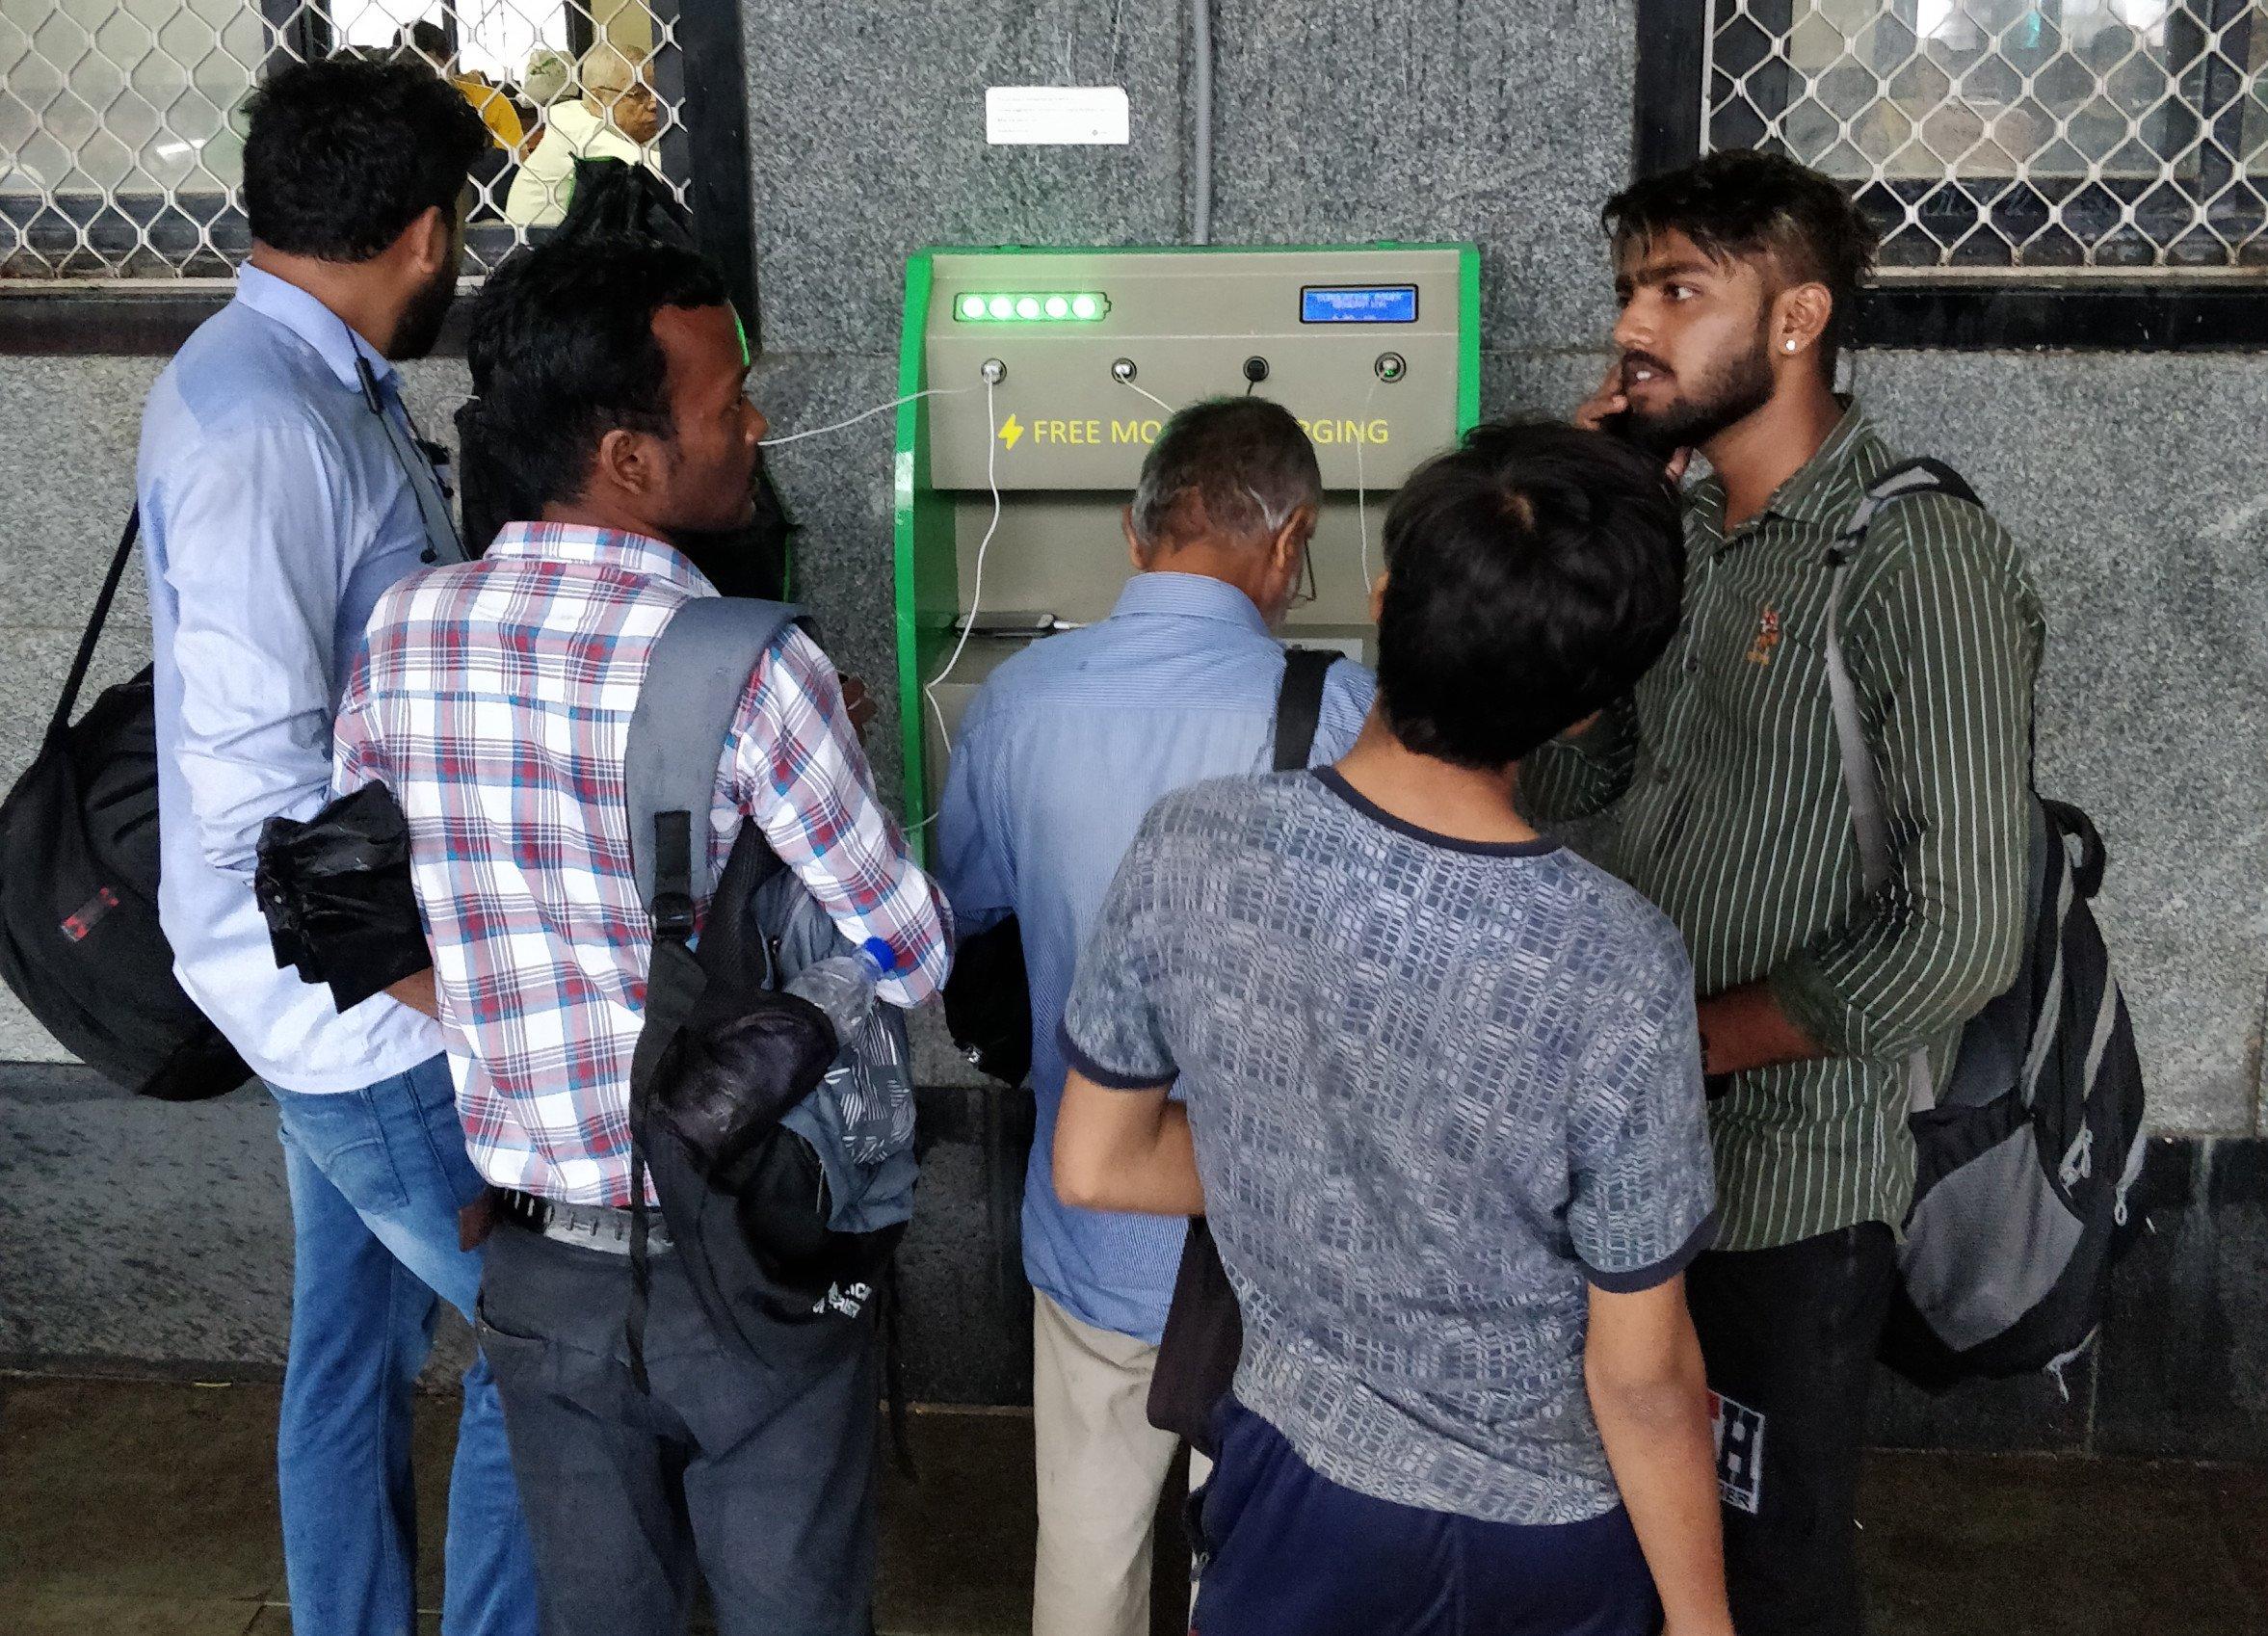 सोलर के प्रति जागरुक करने की कोशिश, रेलवे स्टेशनों पर फ्री मोबाइल चार्जिंग सुविधा!